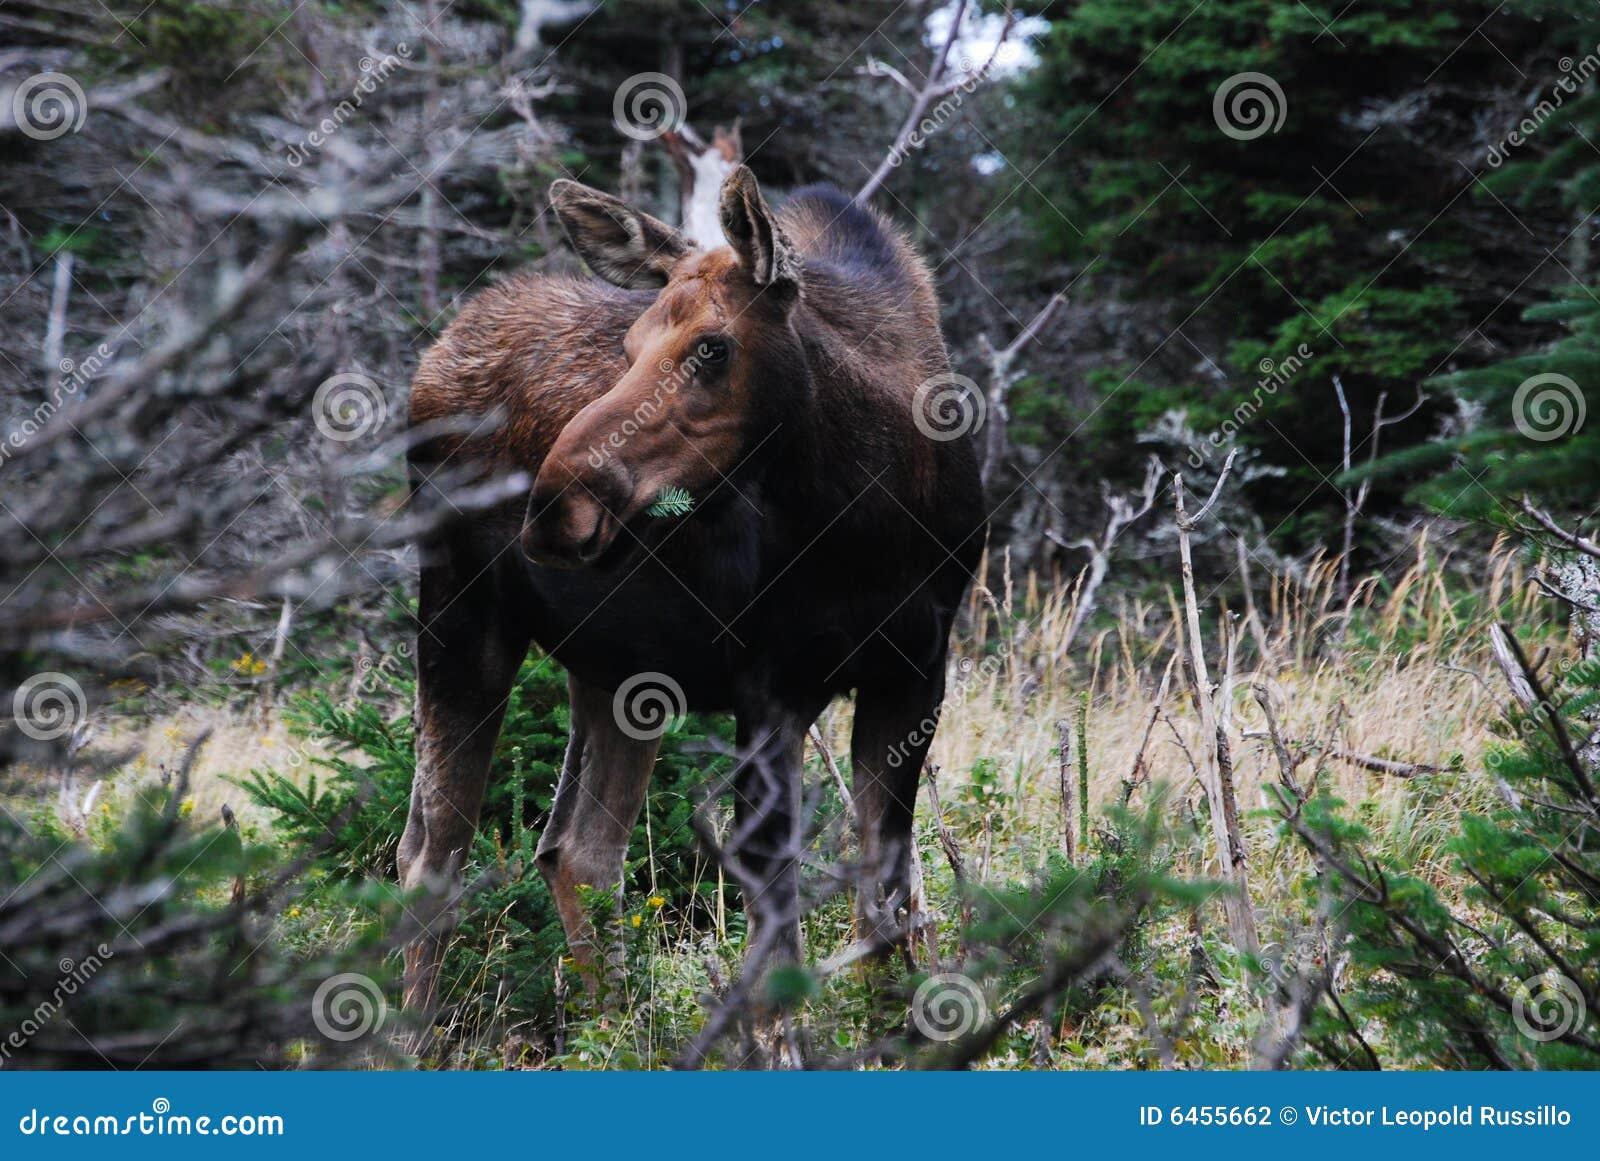 Krowa oddziału moose munch sosny